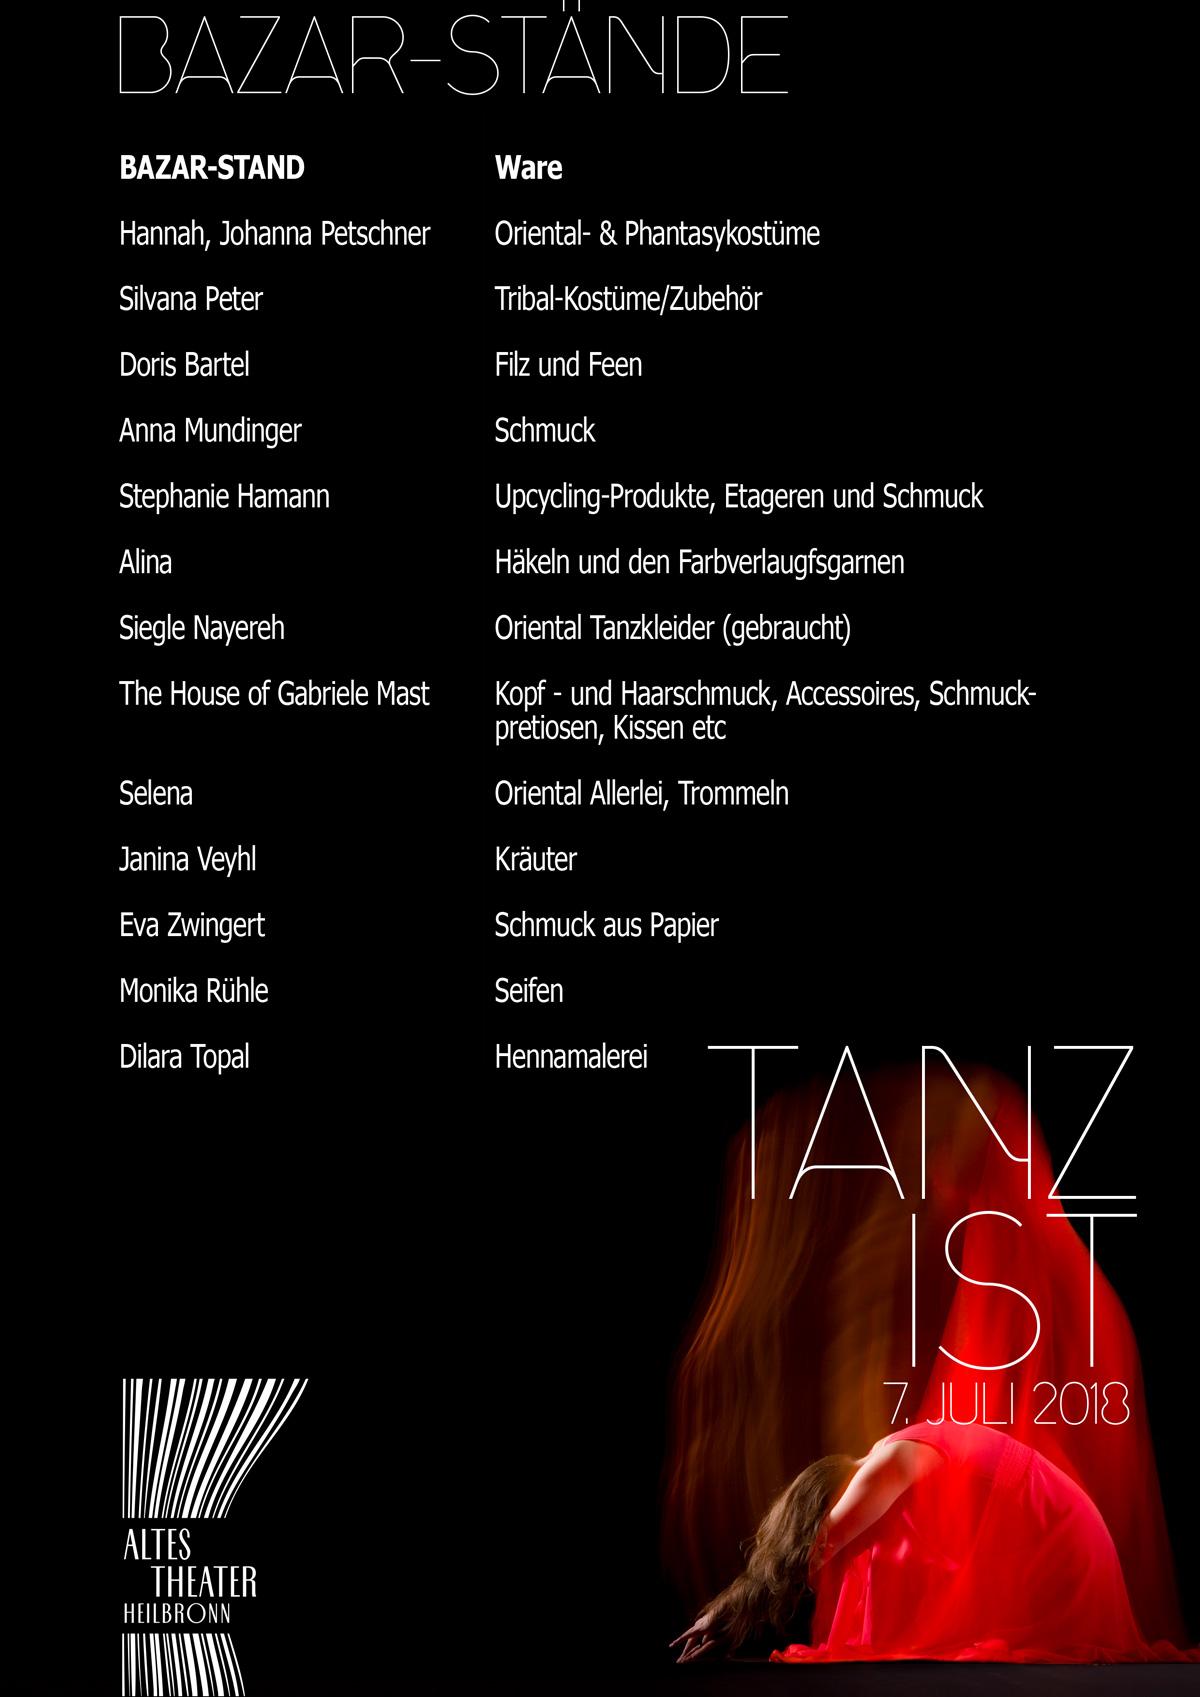 ATH-TANZ-IST-2018-Bazarstaende-2.jpg